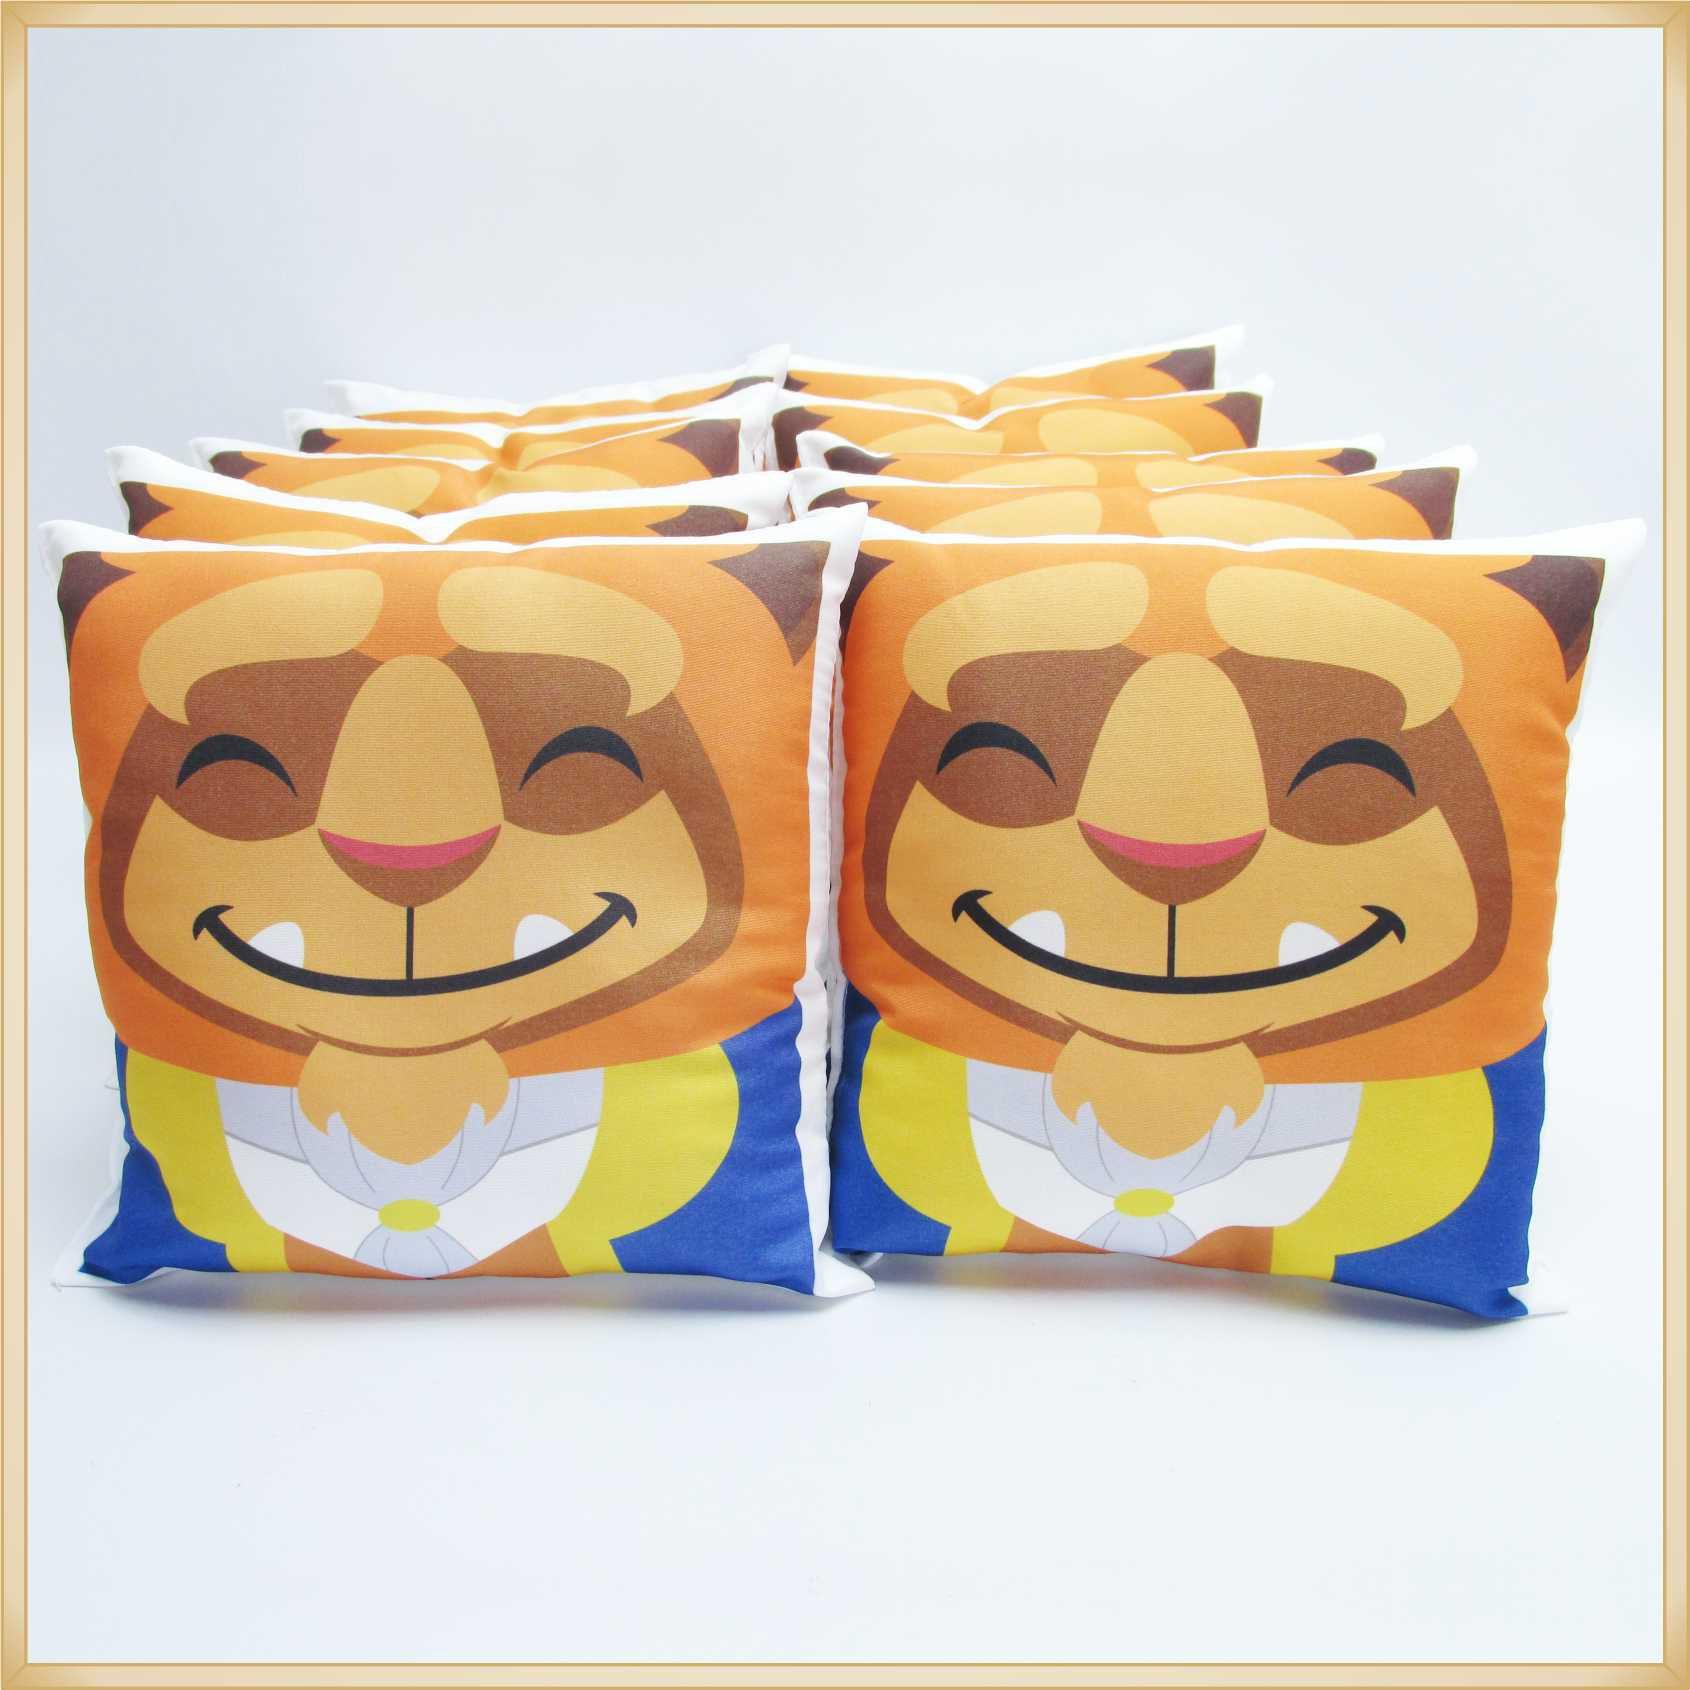 Almofadas Cute Baby Personalizadas Lembrancinhas para festa de Aniversário infantil Brinde para crianças - Kit com 15 unidades.